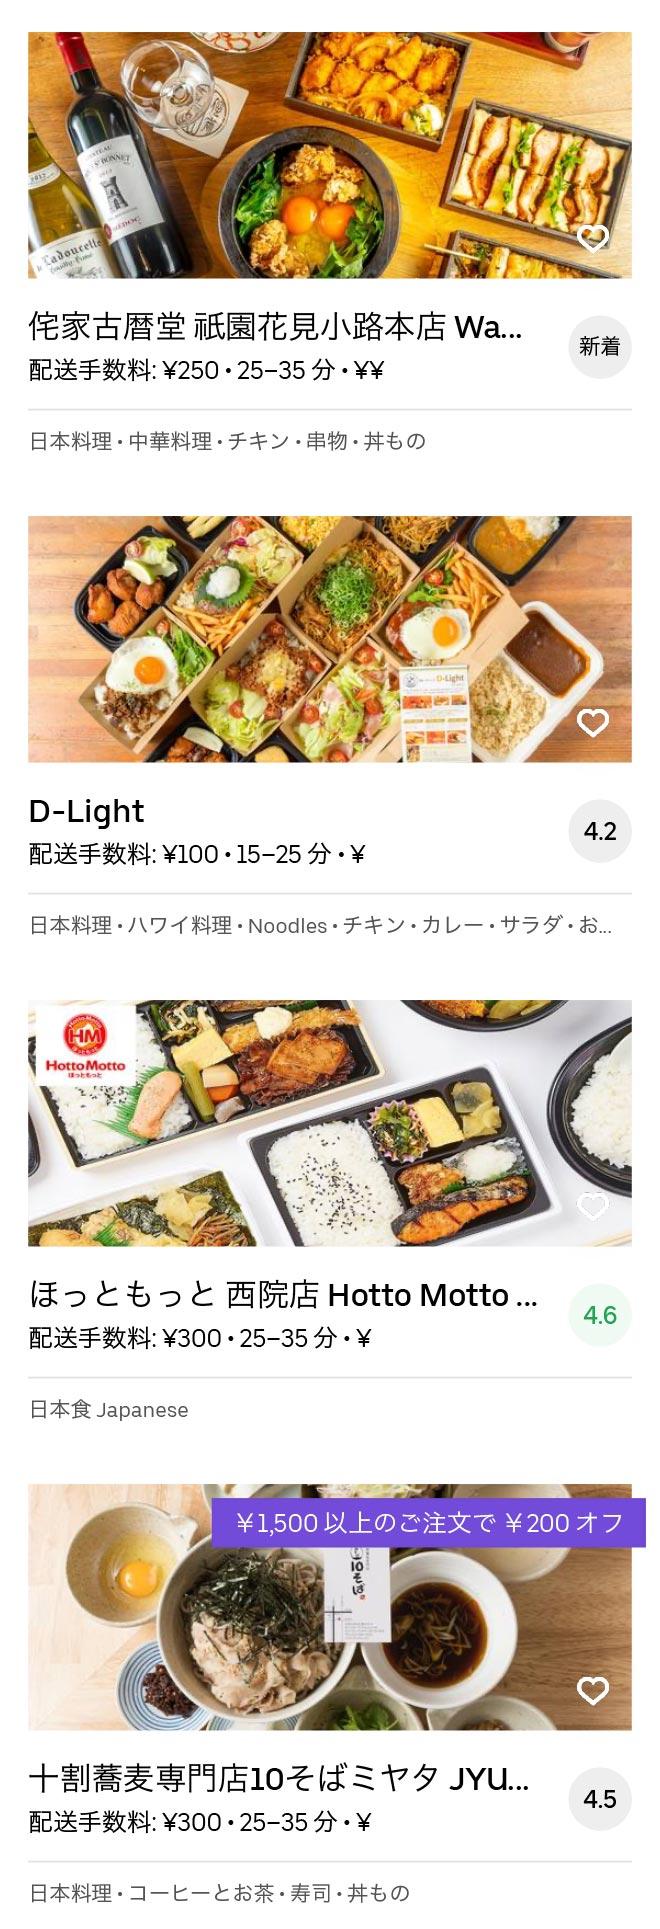 Kyoto nishioji menu 2005 06